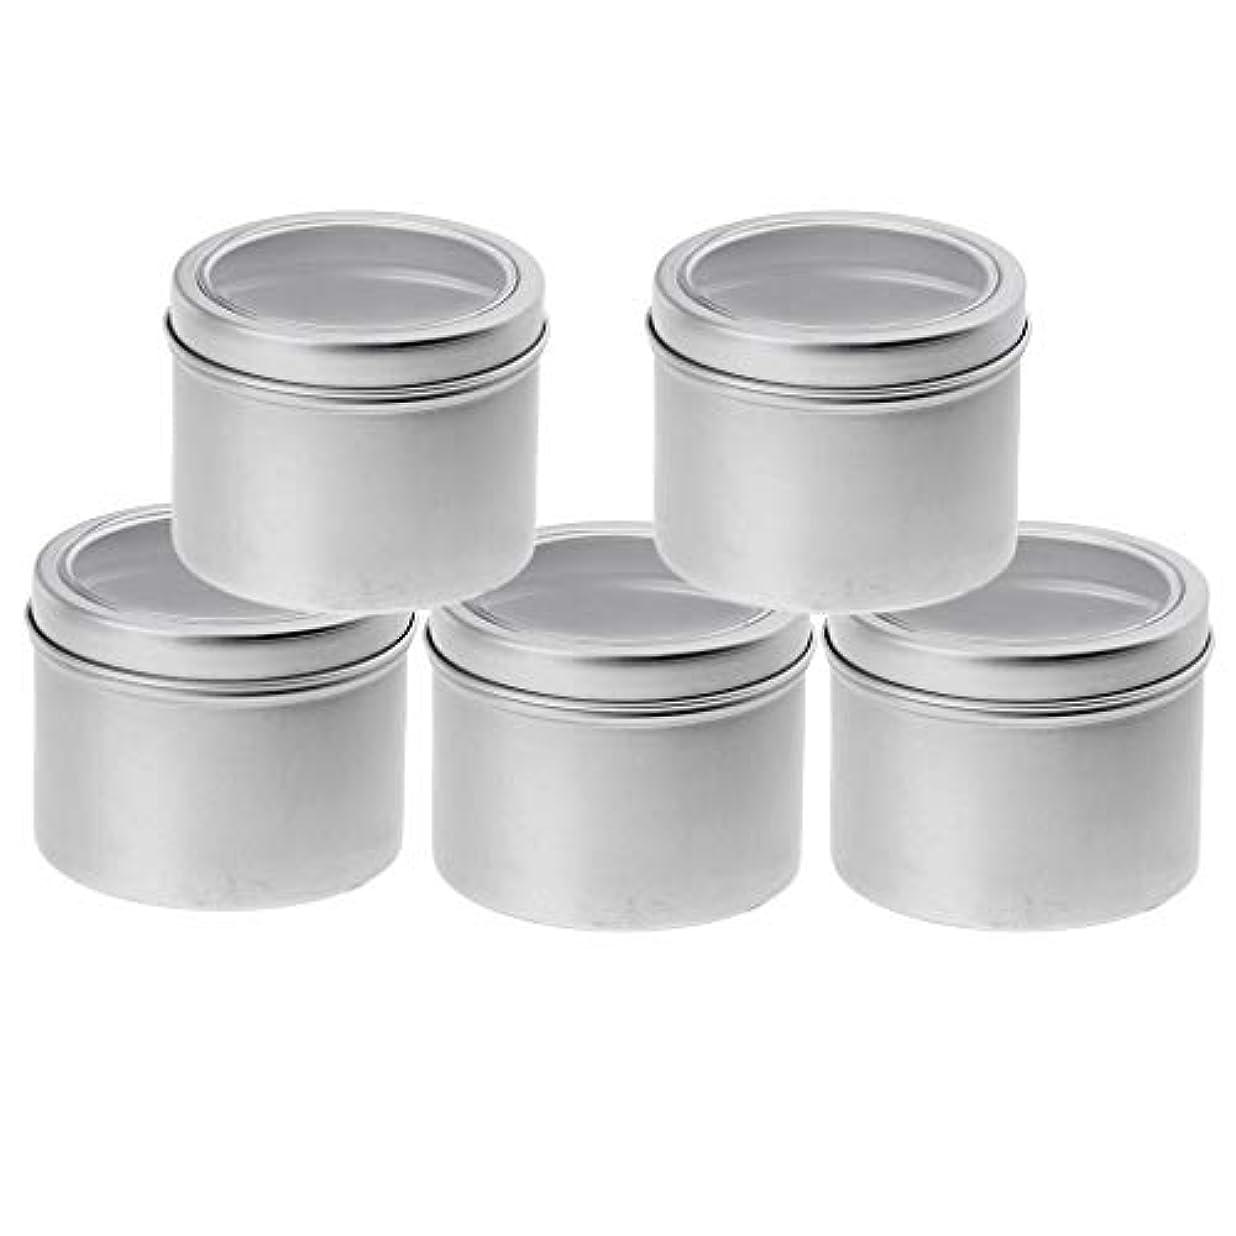 解釈教科書スケートIPOTCH 5個セット 100ml アルミ缶 小分け容器 詰め替え容器 クリームケース 化粧品 収納ボックス